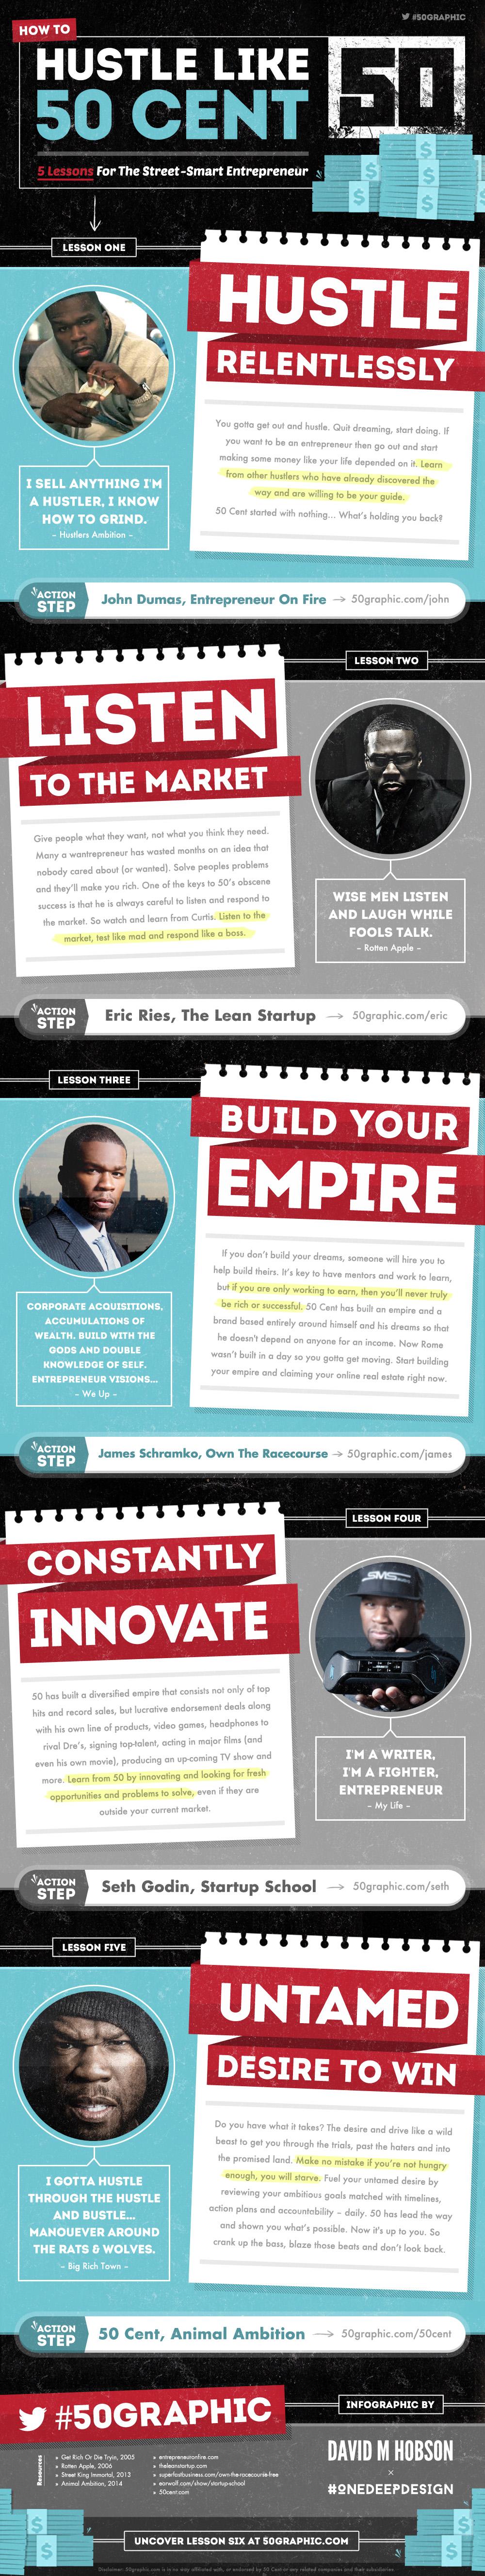 How To Hustle Like 50 Cent: 5 Lessons For The Street-Smart Entrepreneur